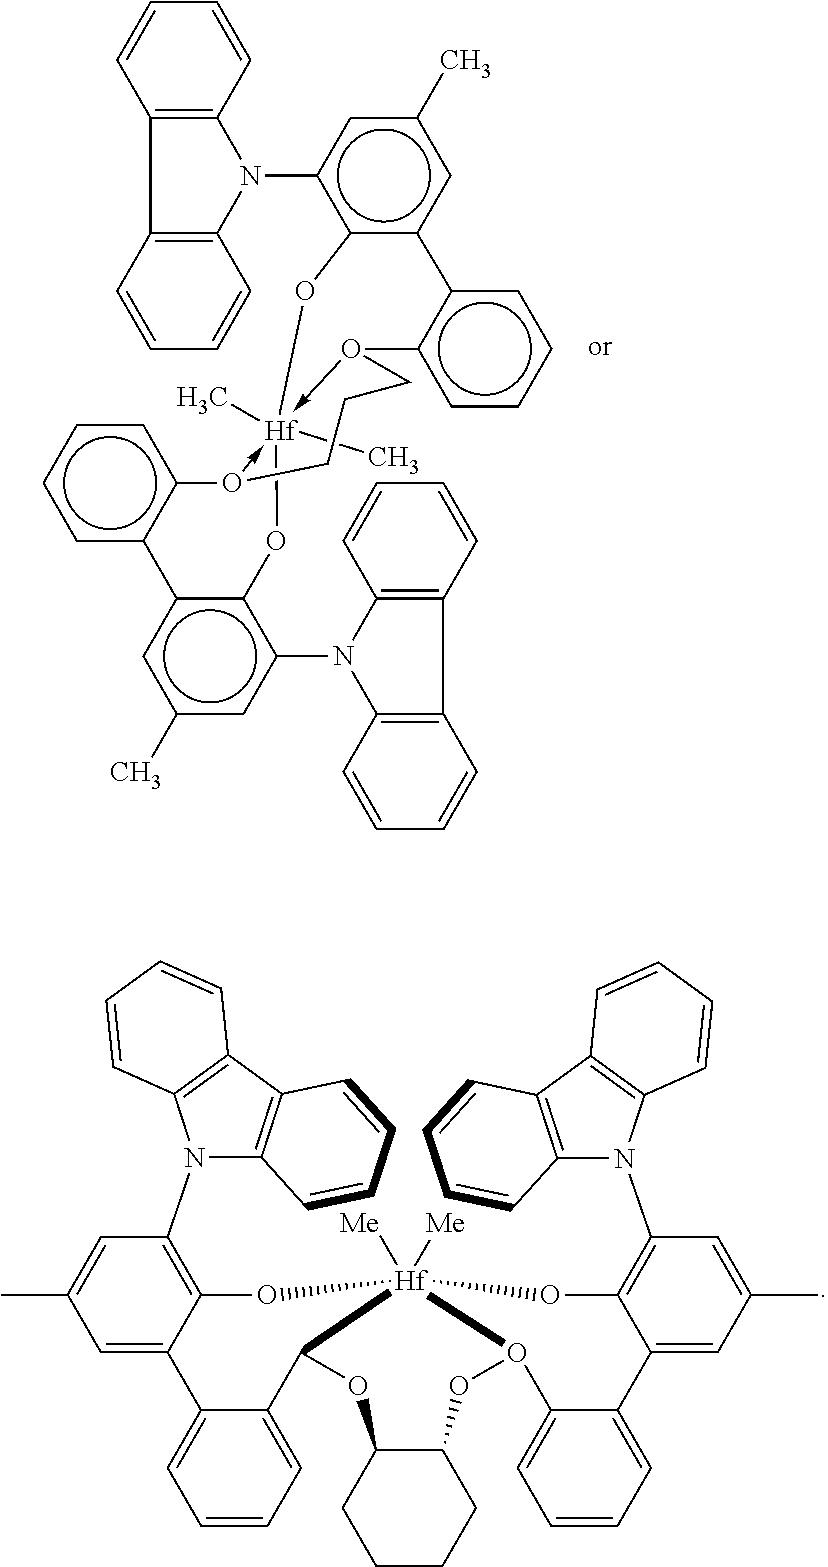 Figure US08802774-20140812-C00005